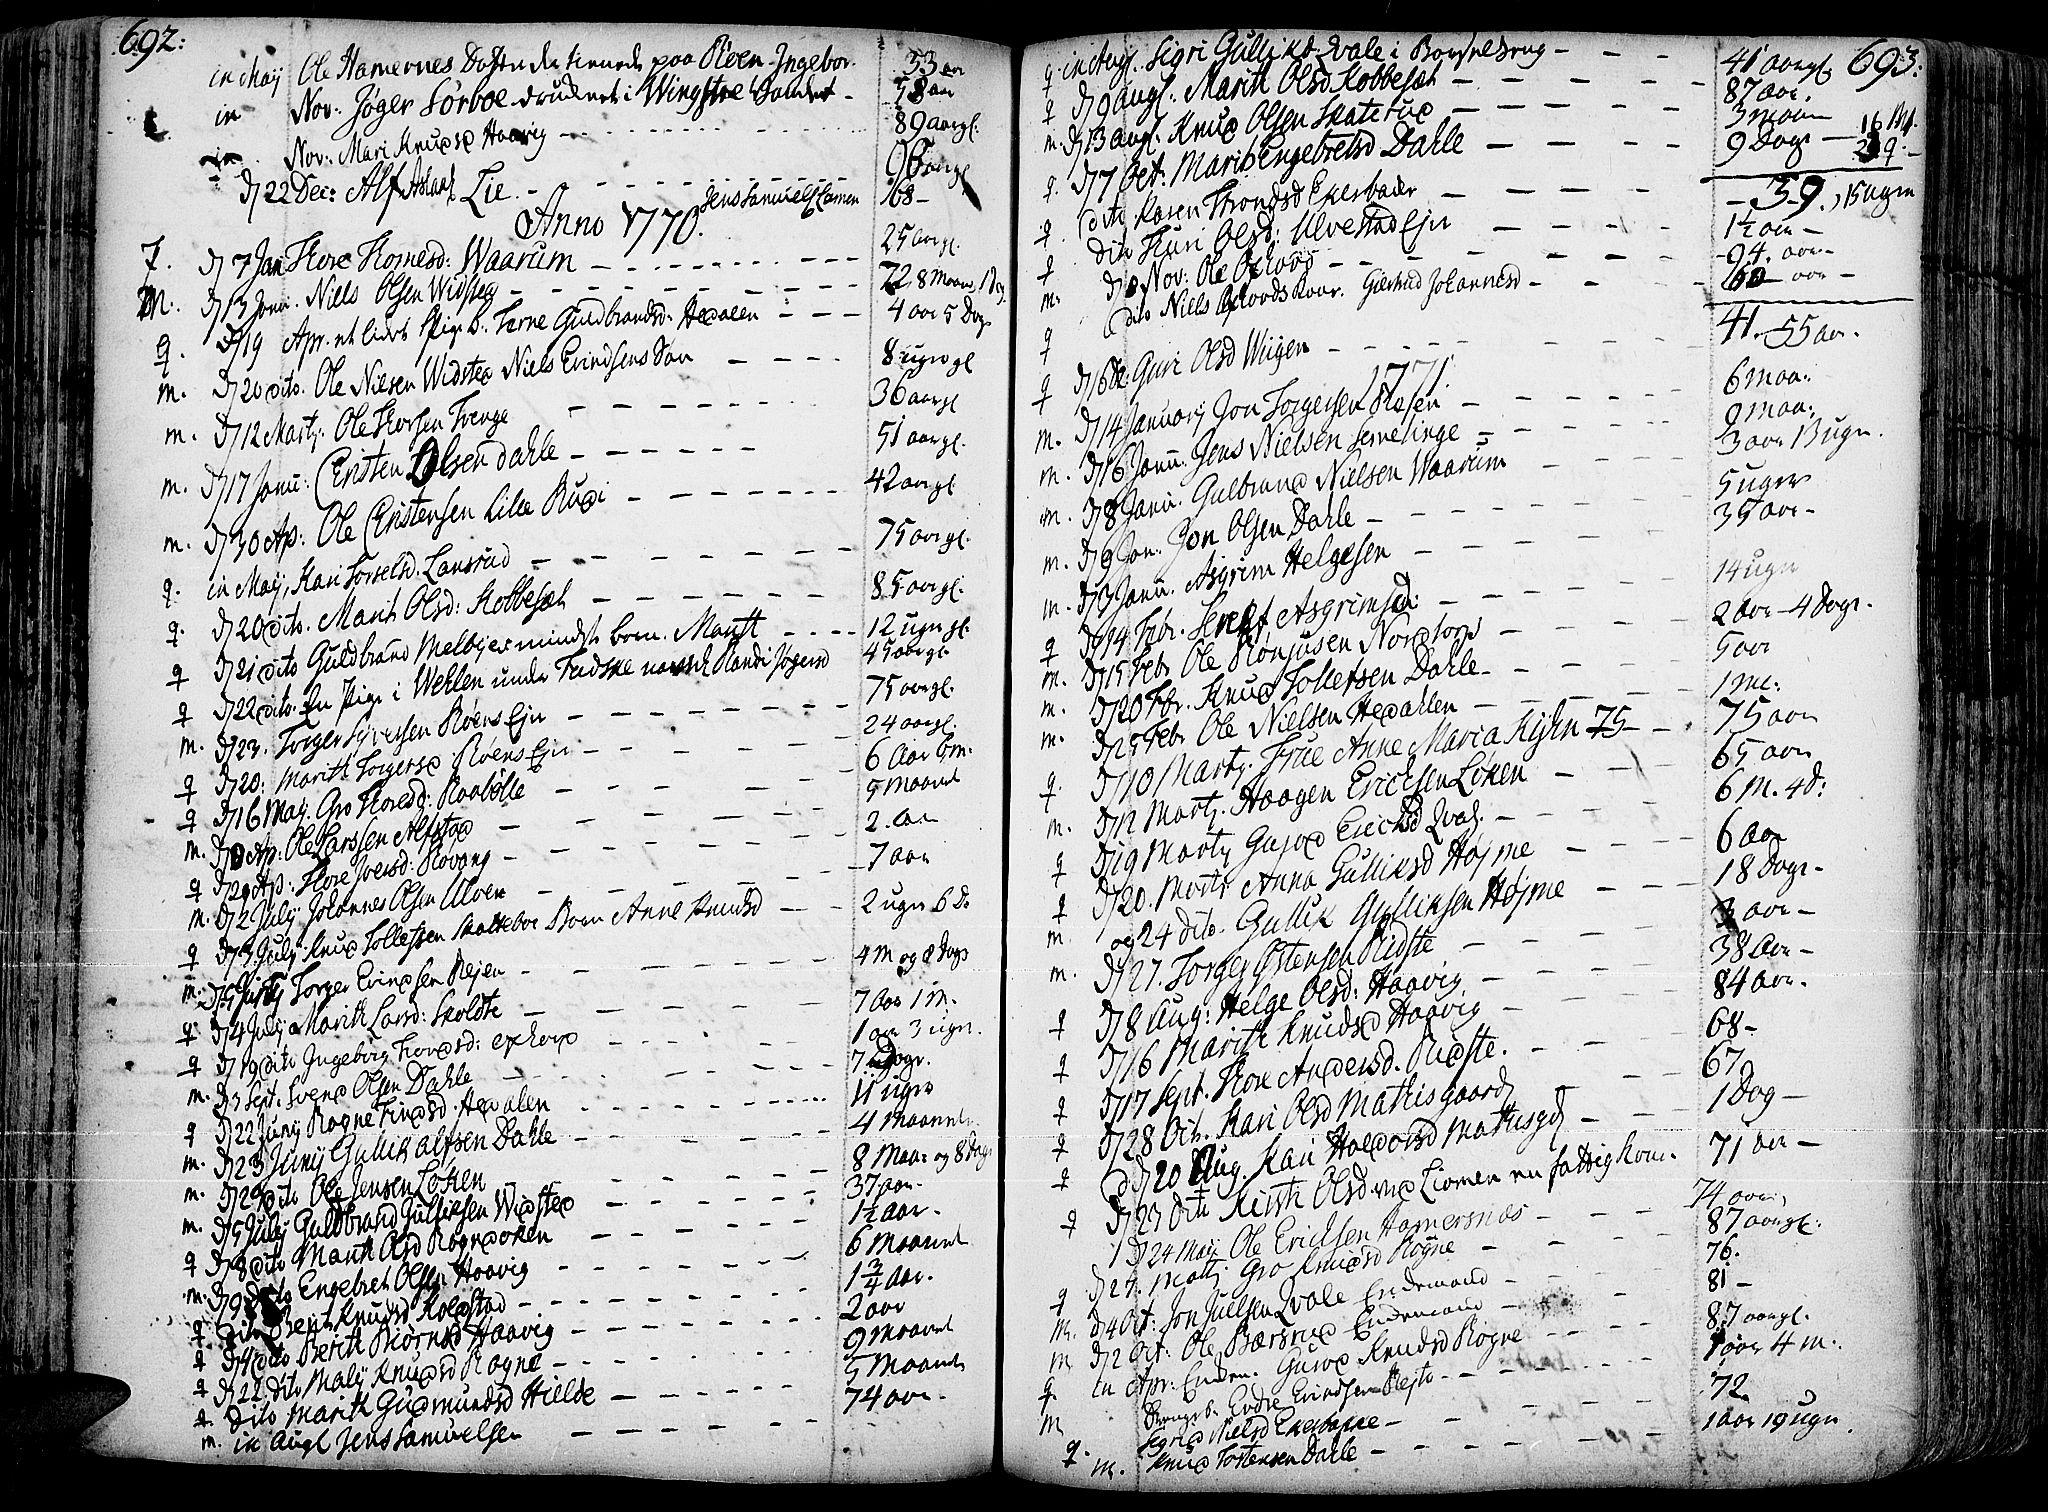 SAH, Slidre prestekontor, Ministerialbok nr. 1, 1724-1814, s. 692-693